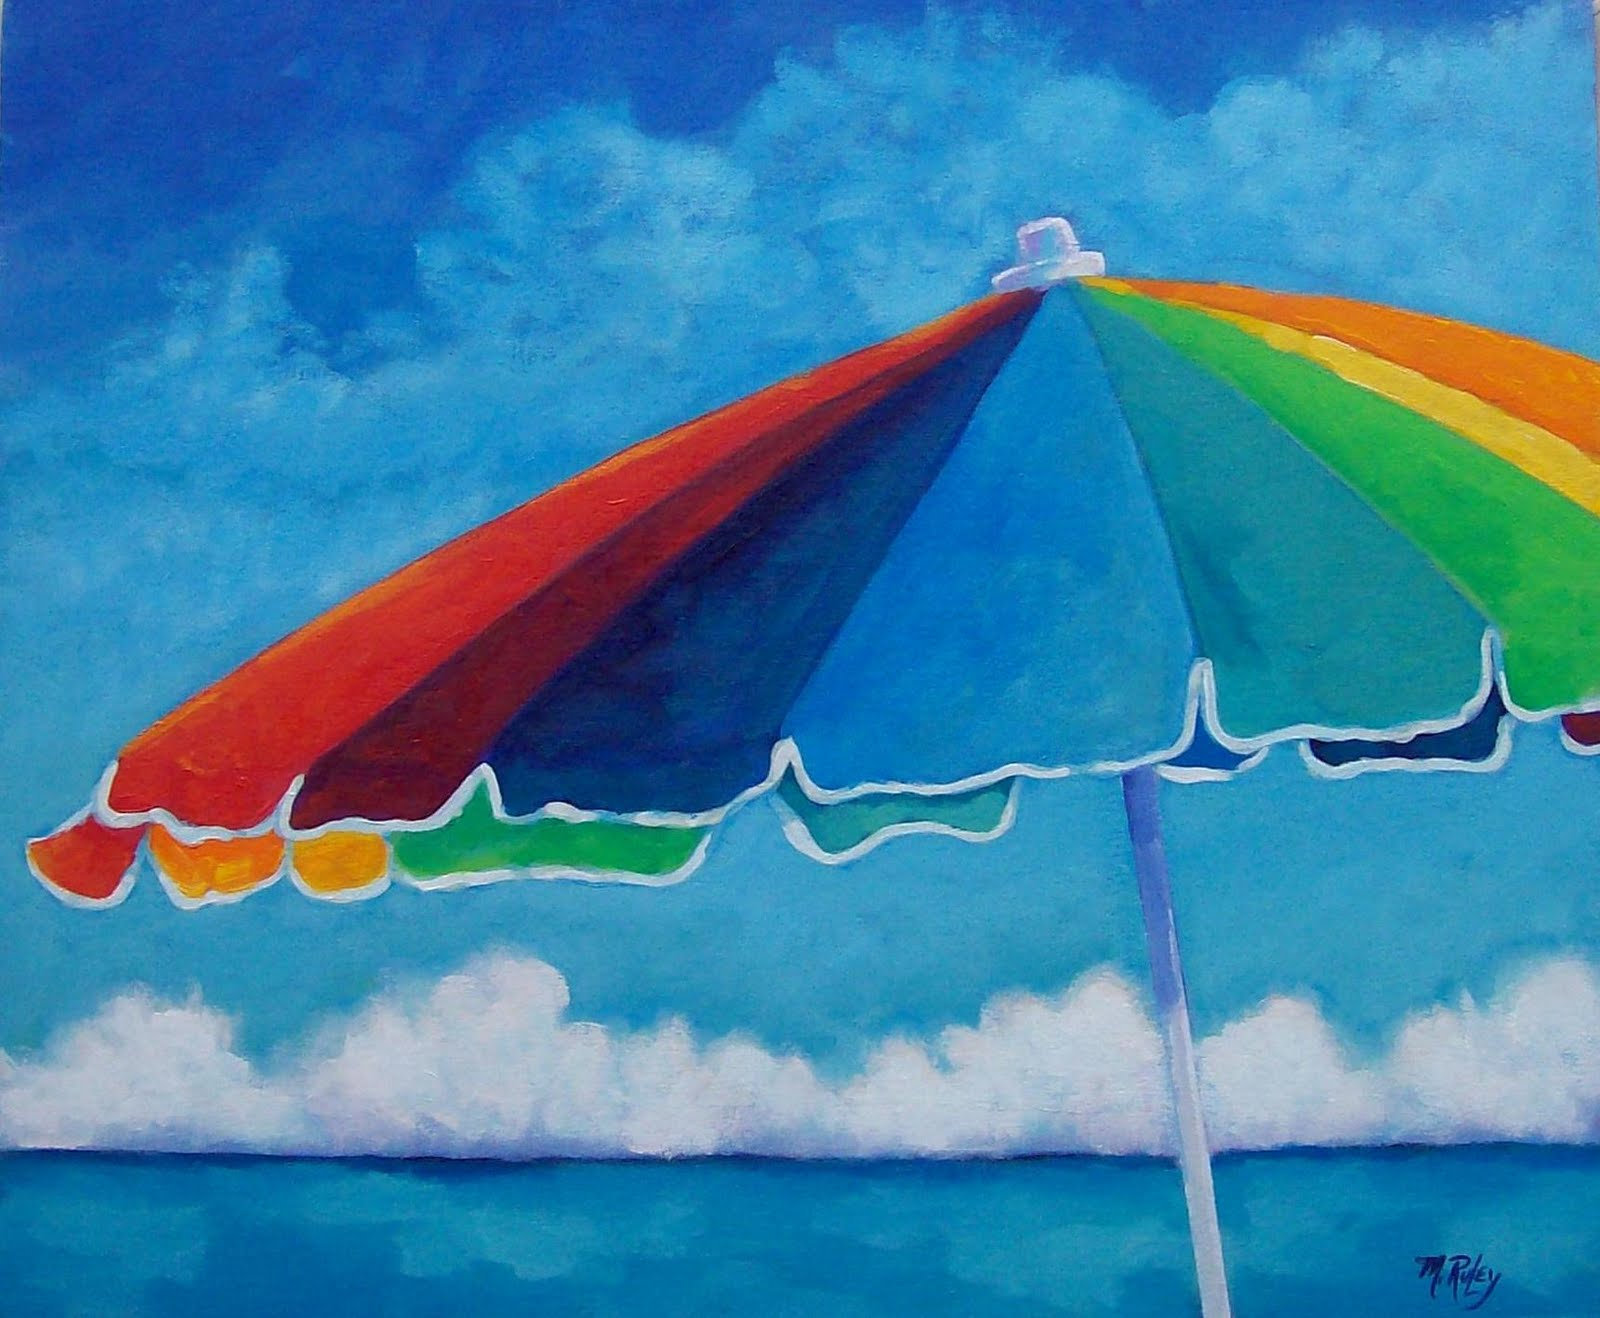 http://4.bp.blogspot.com/_WVPo-nAd3g4/THroPCRHd5I/AAAAAAAAAo0/CGjVY70Sxy0/s1600/rainbow+unbrella_crop.jpg